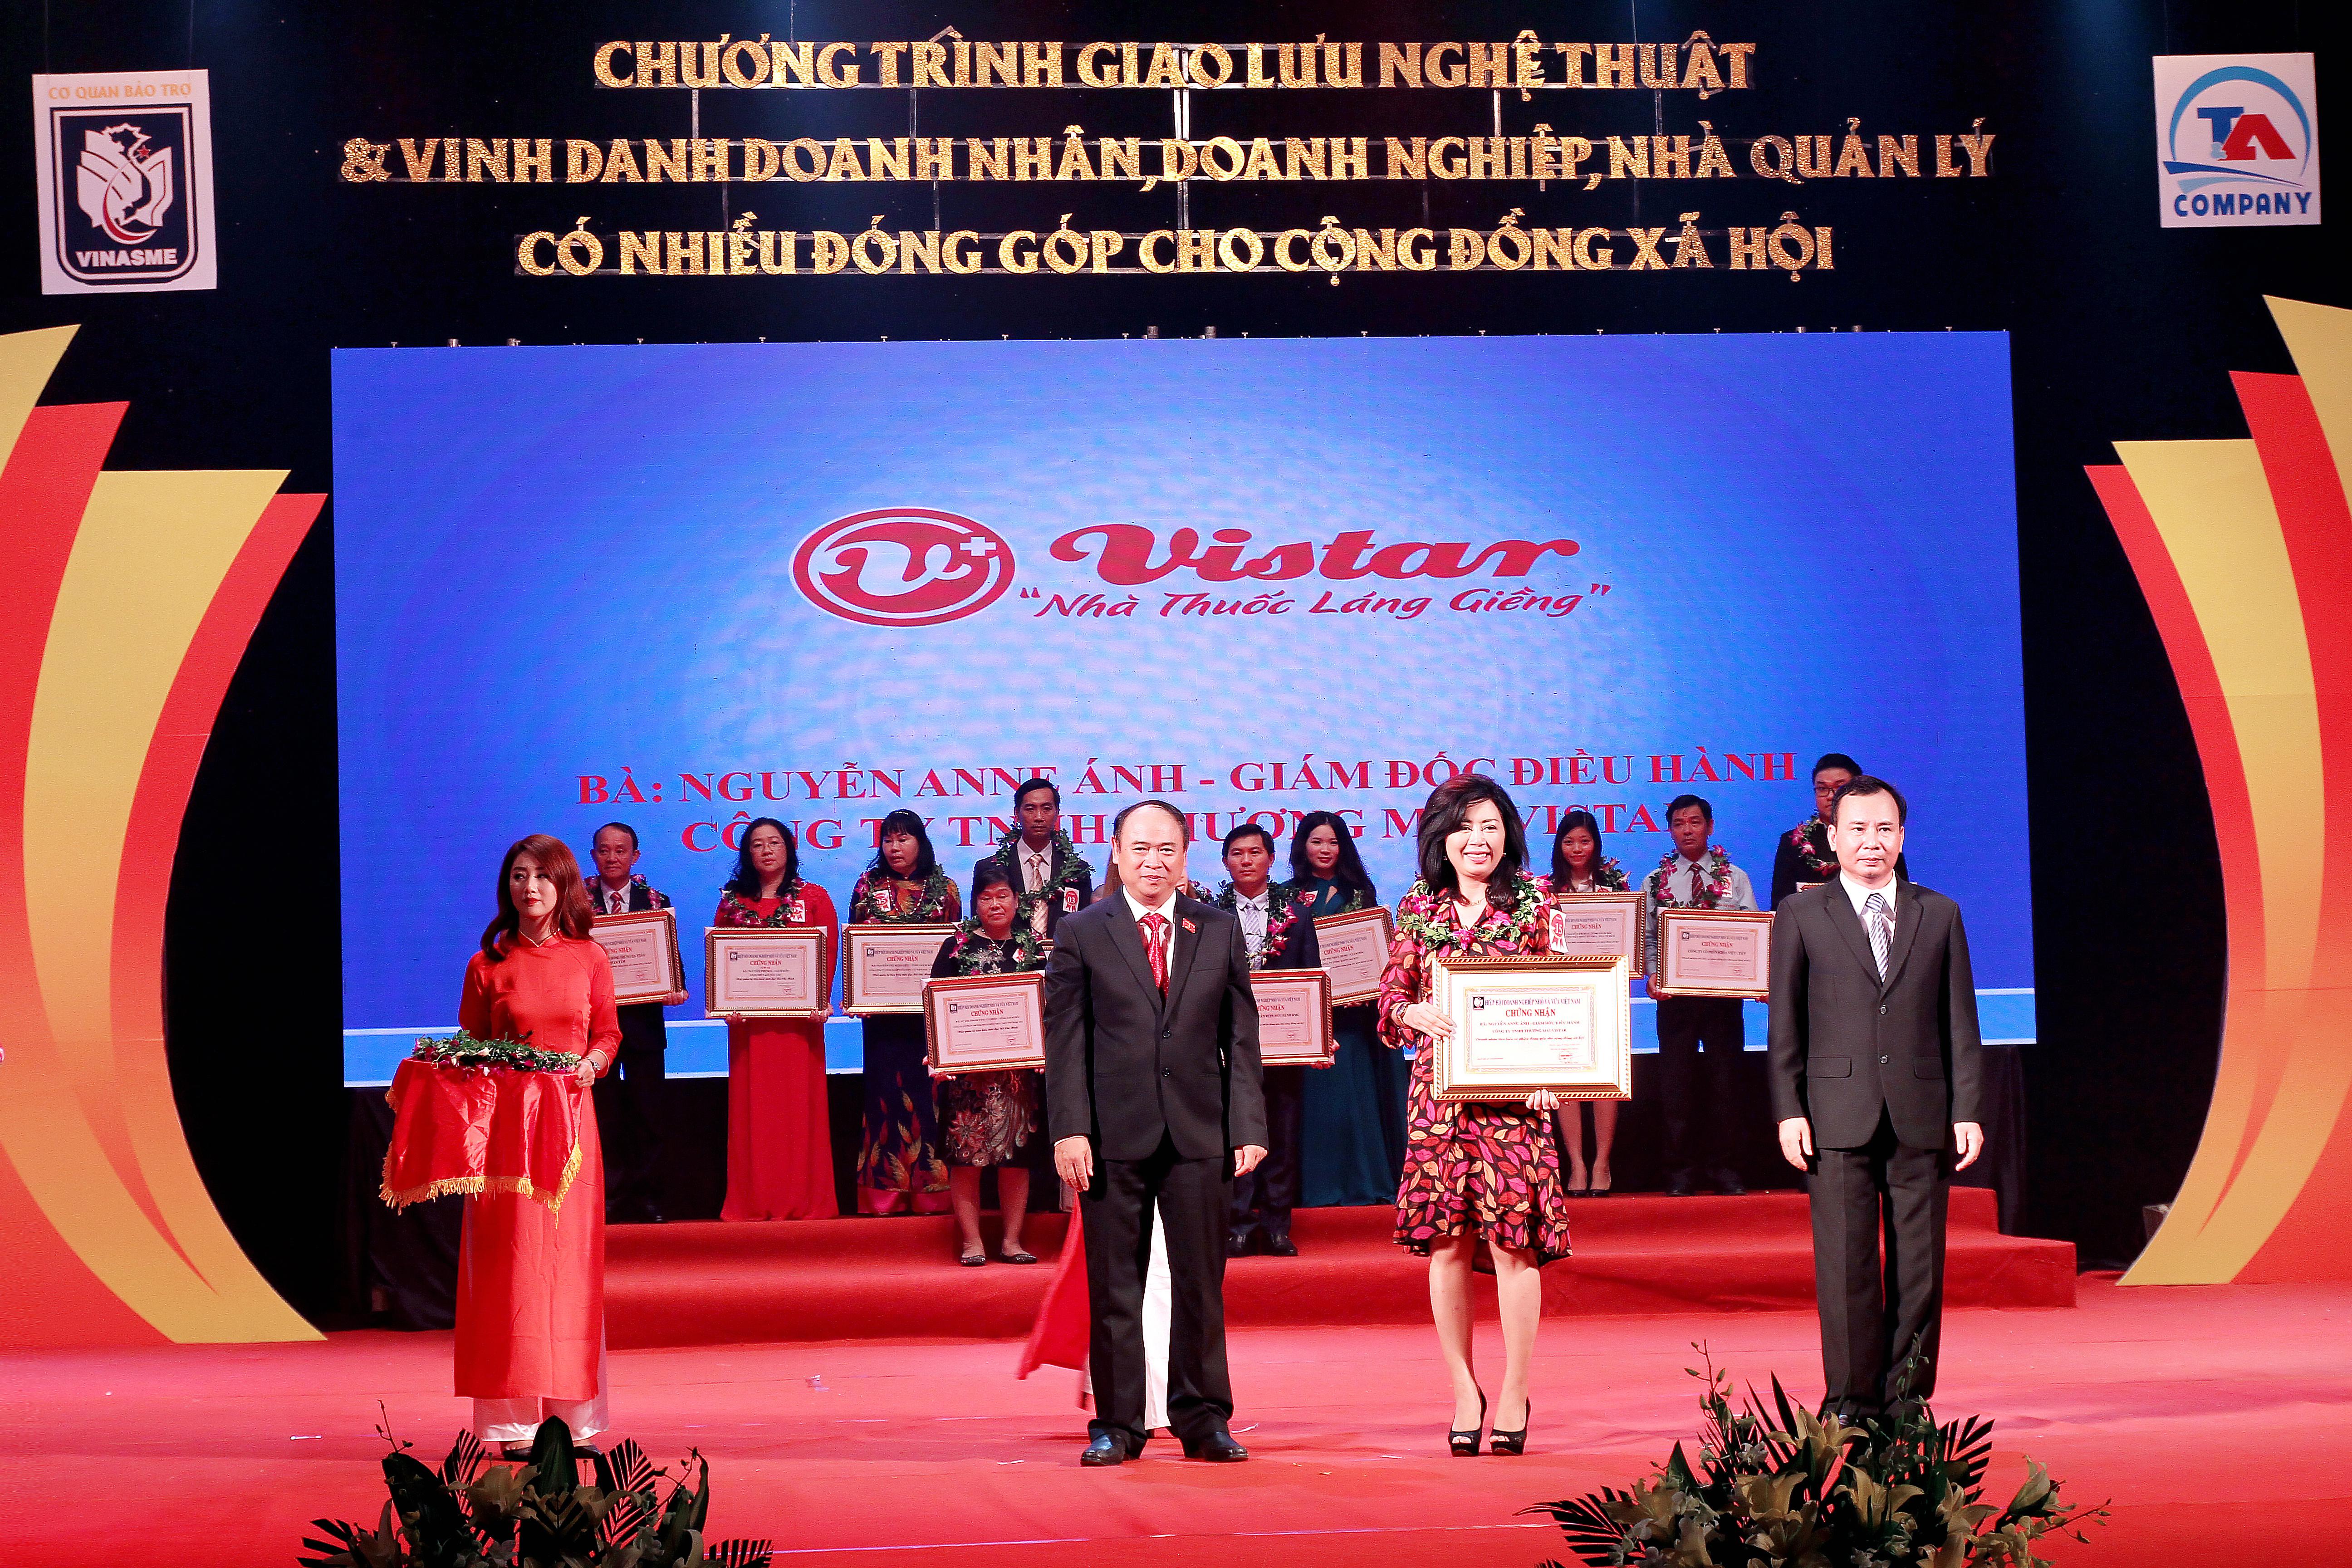 Vistar Pharmacy- Doanh nghiệp có nhiều đóng góp cho cộng đồng xã hội